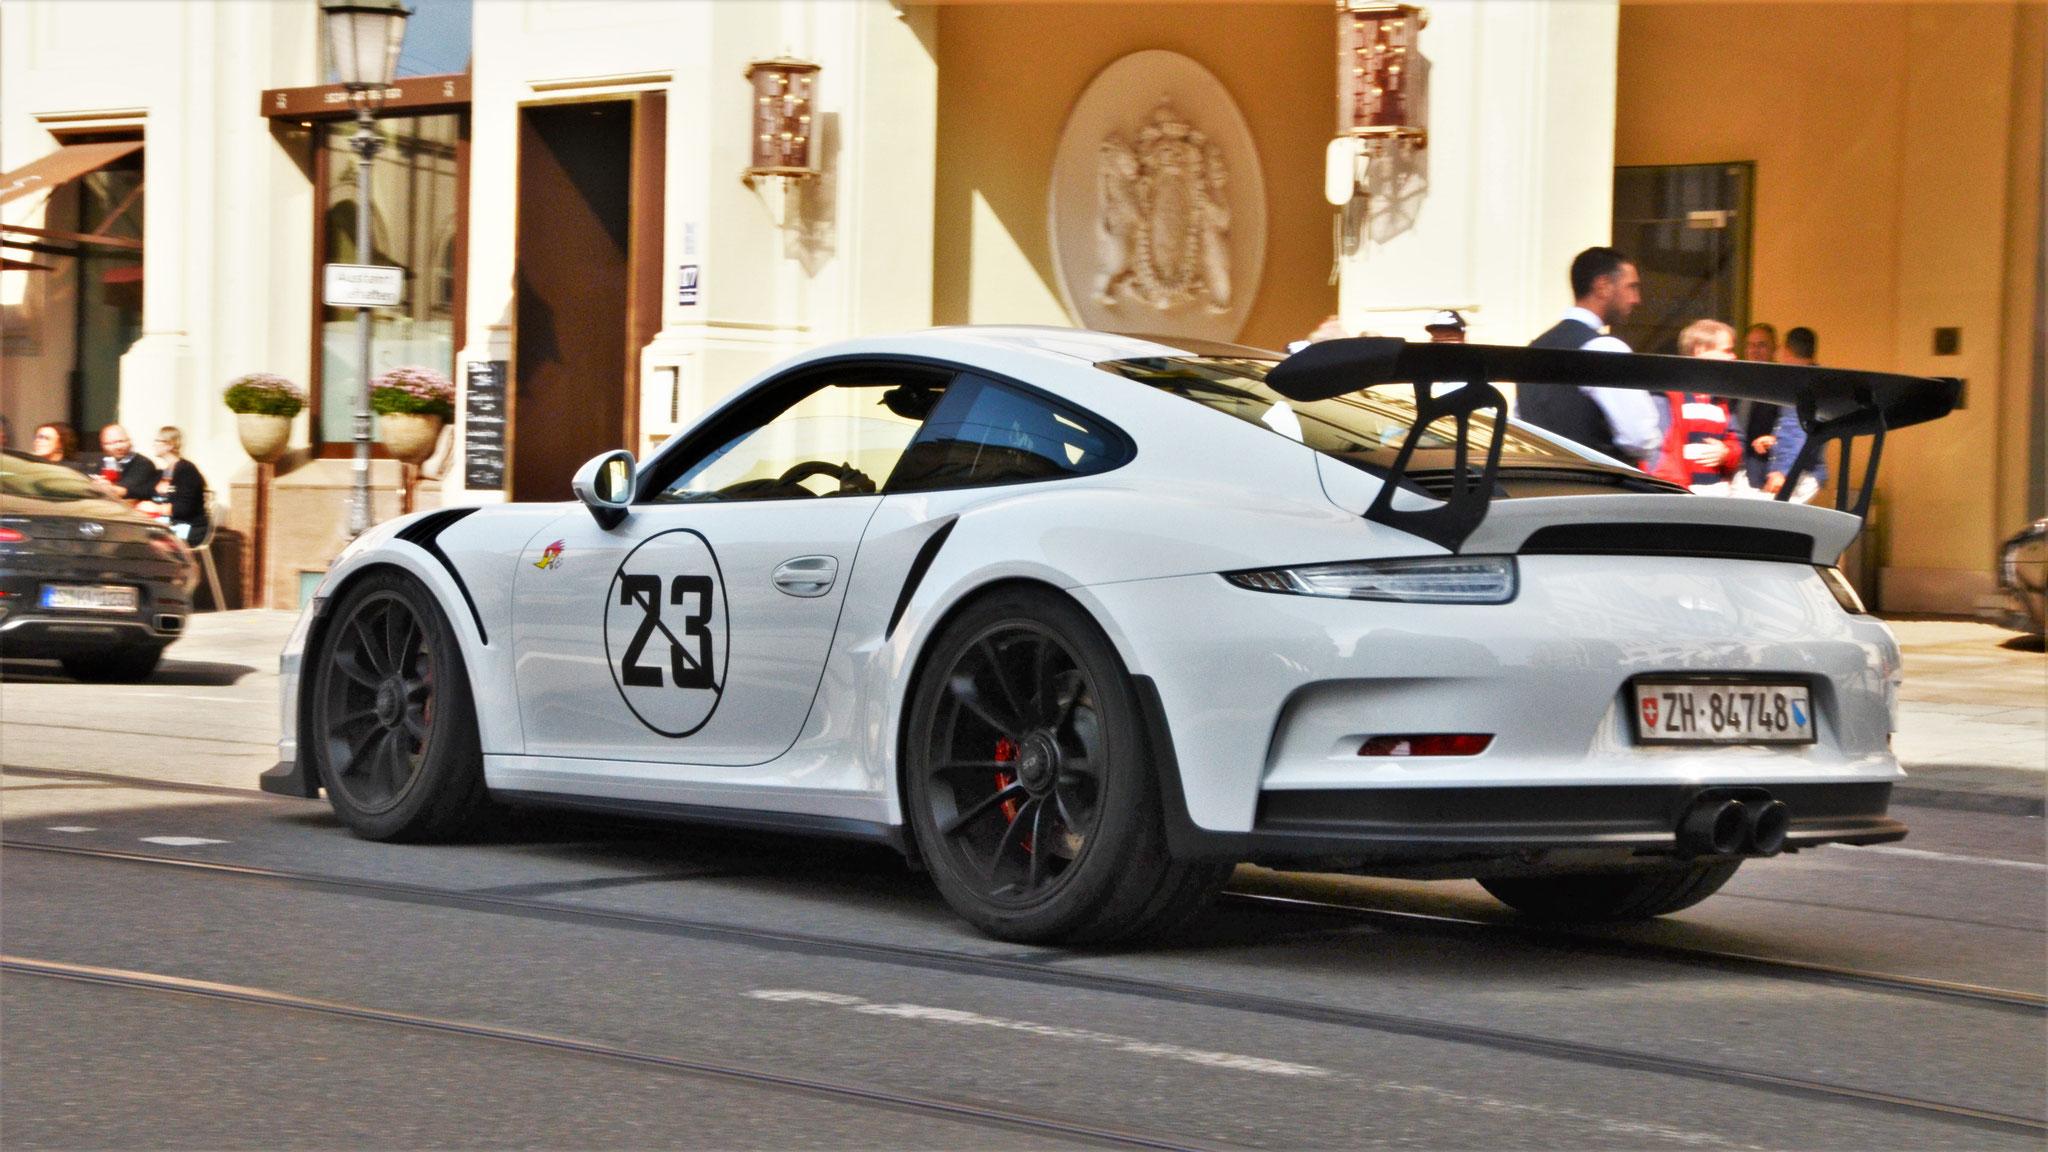 Porsche 911 GT3 RS - ZH-84748 (CH)